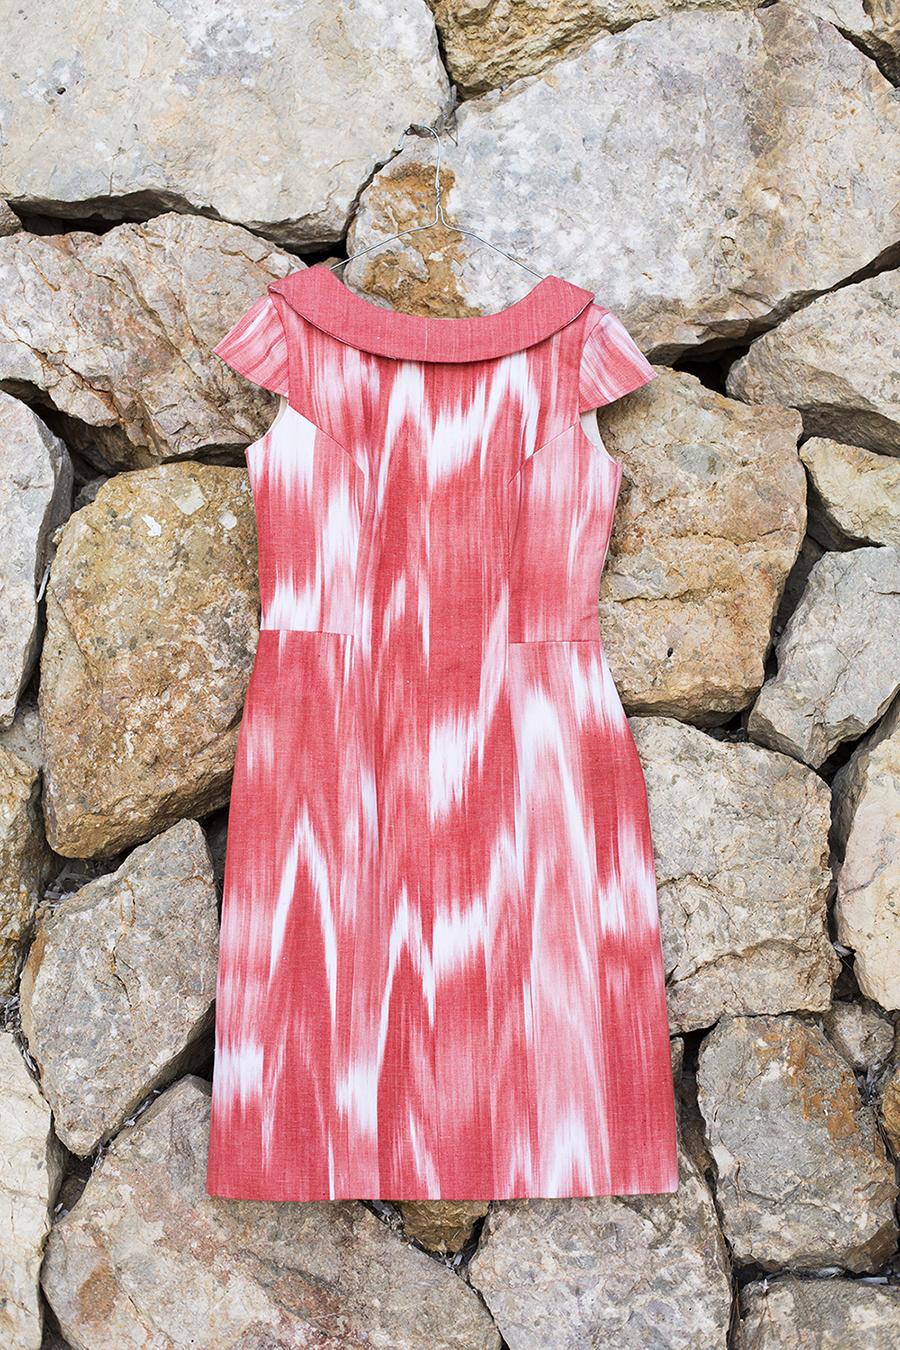 Vestido escarlata | Teixits Vicens, Pollença, Mallorca